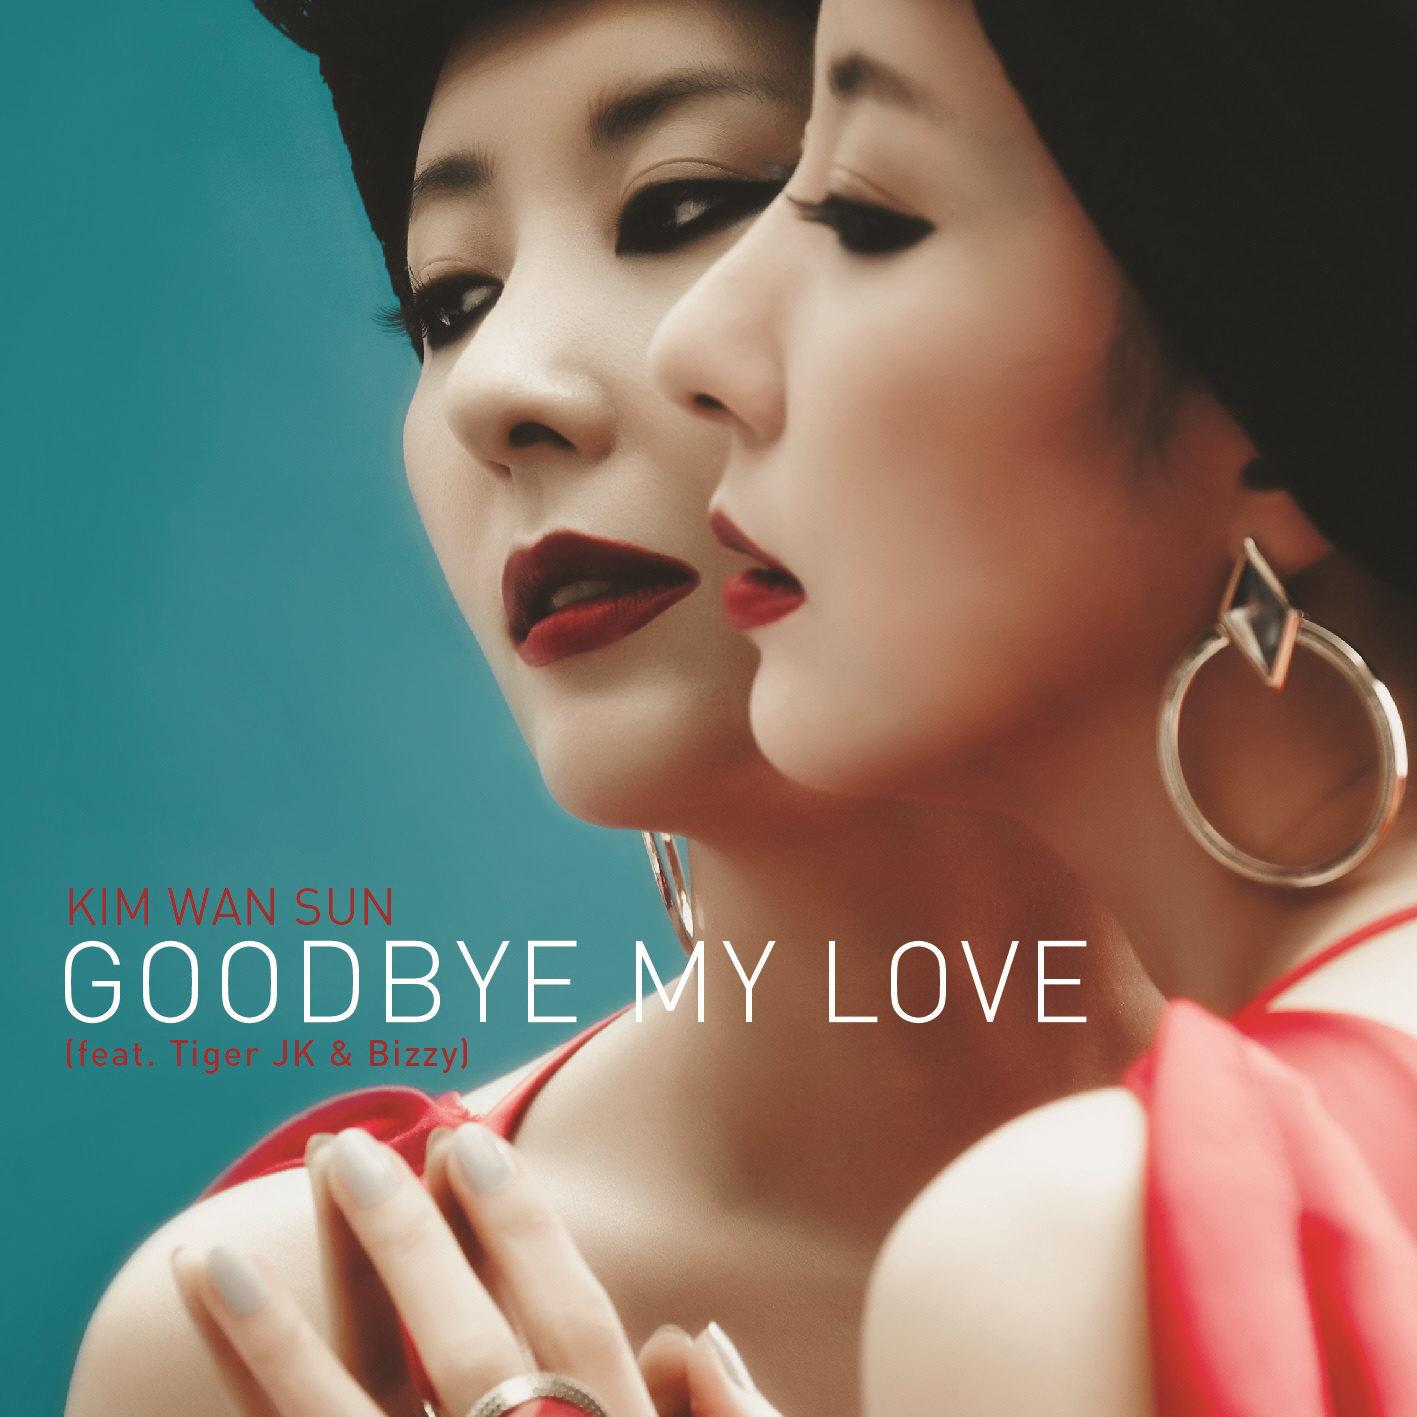 [Single] Kim Wan Sun   Goodbye My Love (MP3)